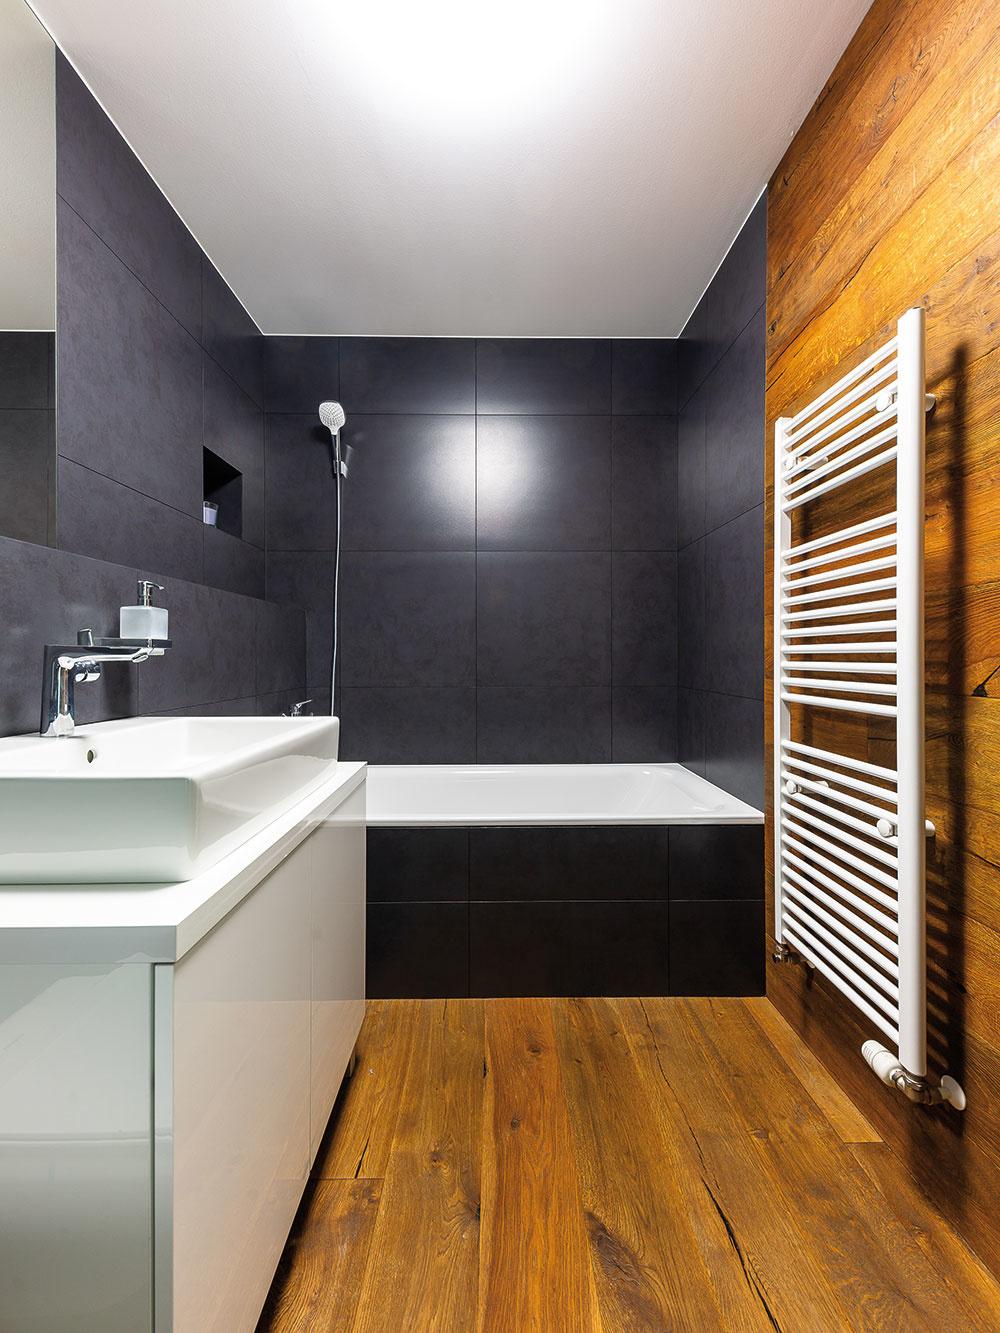 Trojfarebná kúpeľňa. Tmavý antracitový veľkoplošný obklad, čistá biela ateplé drevo. Majiteľ si síce musí dávať trochu väčší pozor, aby na zemi po sprche neostalo priveľa vody, keďže ide odrevo, ale za výsledný dojem nadčasovej kúpeľne, ktorá sa tak ľahko nezunuje, to stojí.